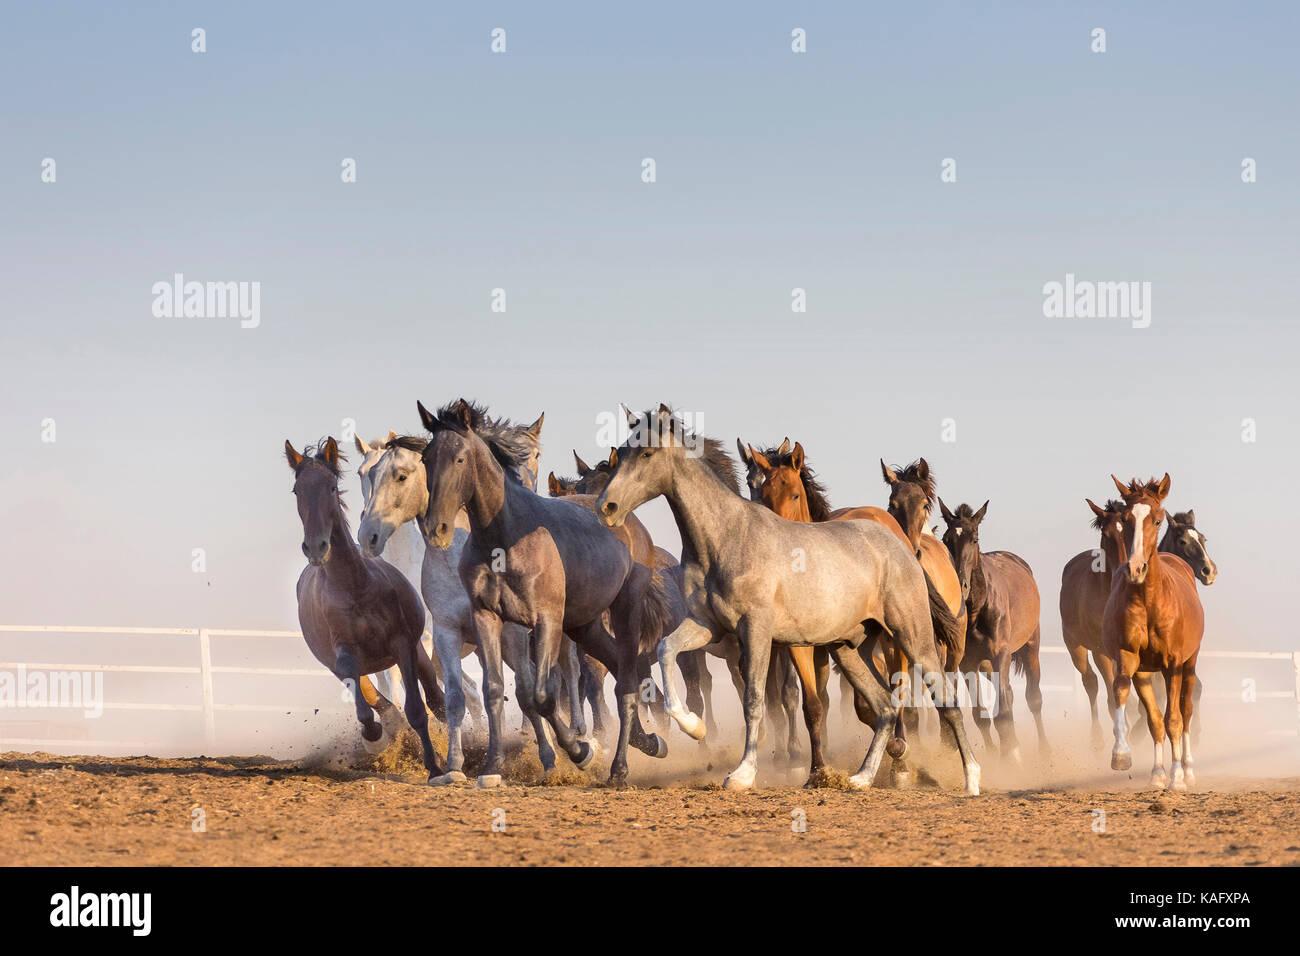 Reine Spanische Pferd, Andalusische. Herde von Jugendlichen Hengste gallopieren auf trockenem Boden. Spanien Stockbild